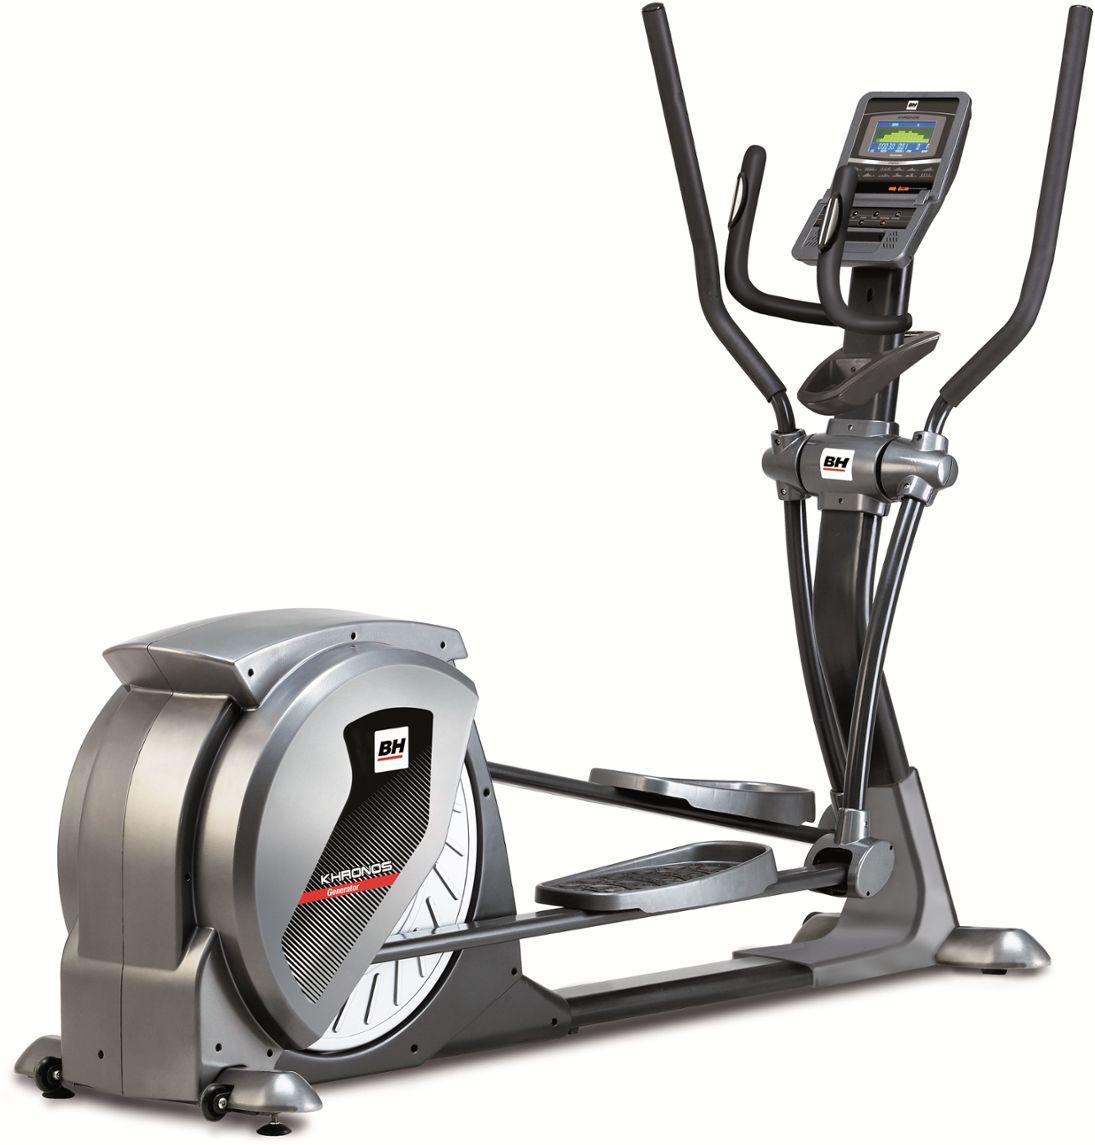 Orbitrek Elektromagnetyczny Khronos Generator G260 BH Fitness